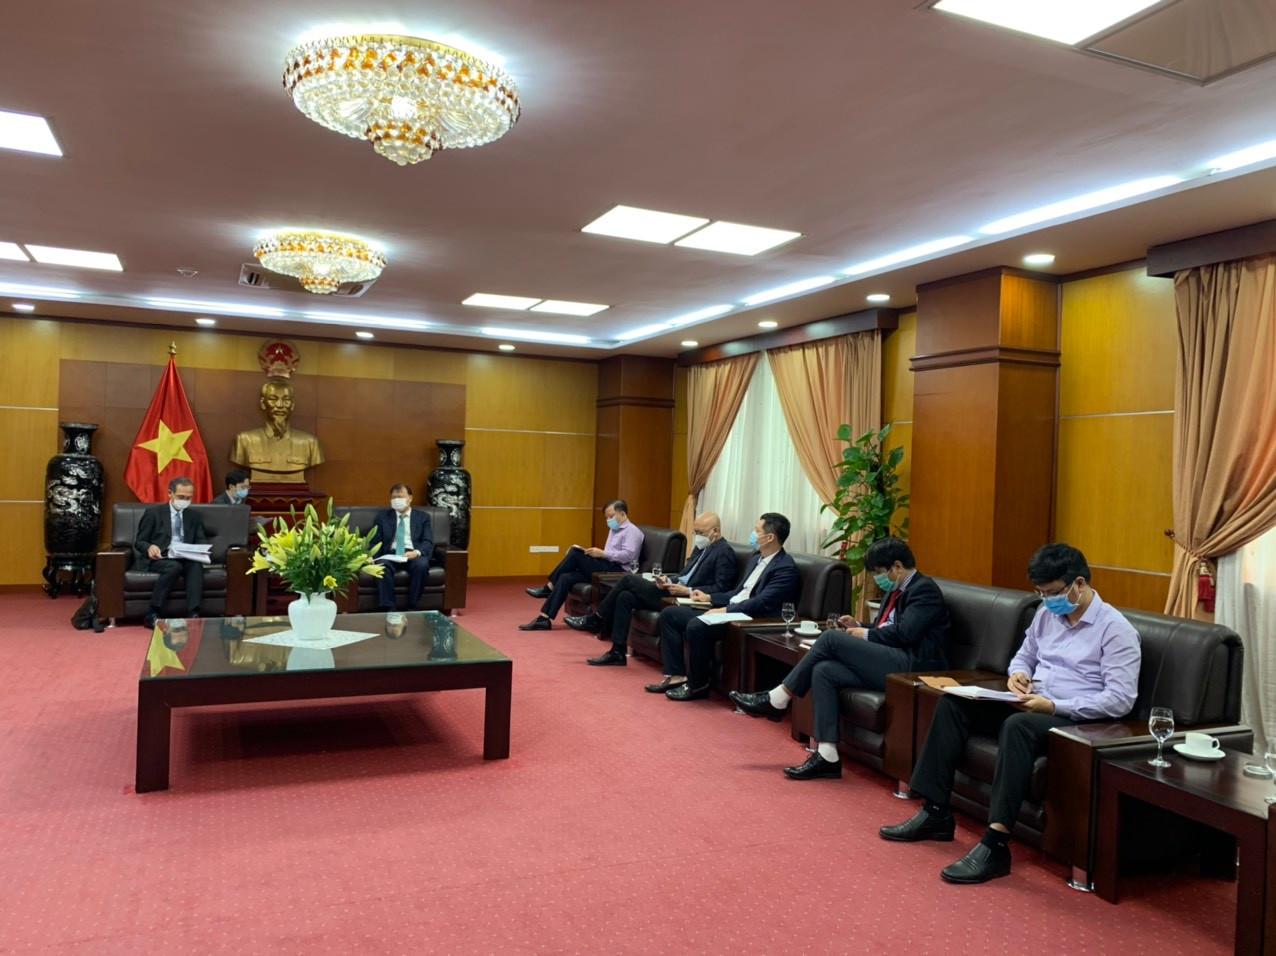 Thứ trưởng Bộ Công Thương Đỗ Thắng Hải (bên phải) làm việc với Tổng Giám đốc Toyota Việt Nam Hiroyuki Ueda (bên trái)